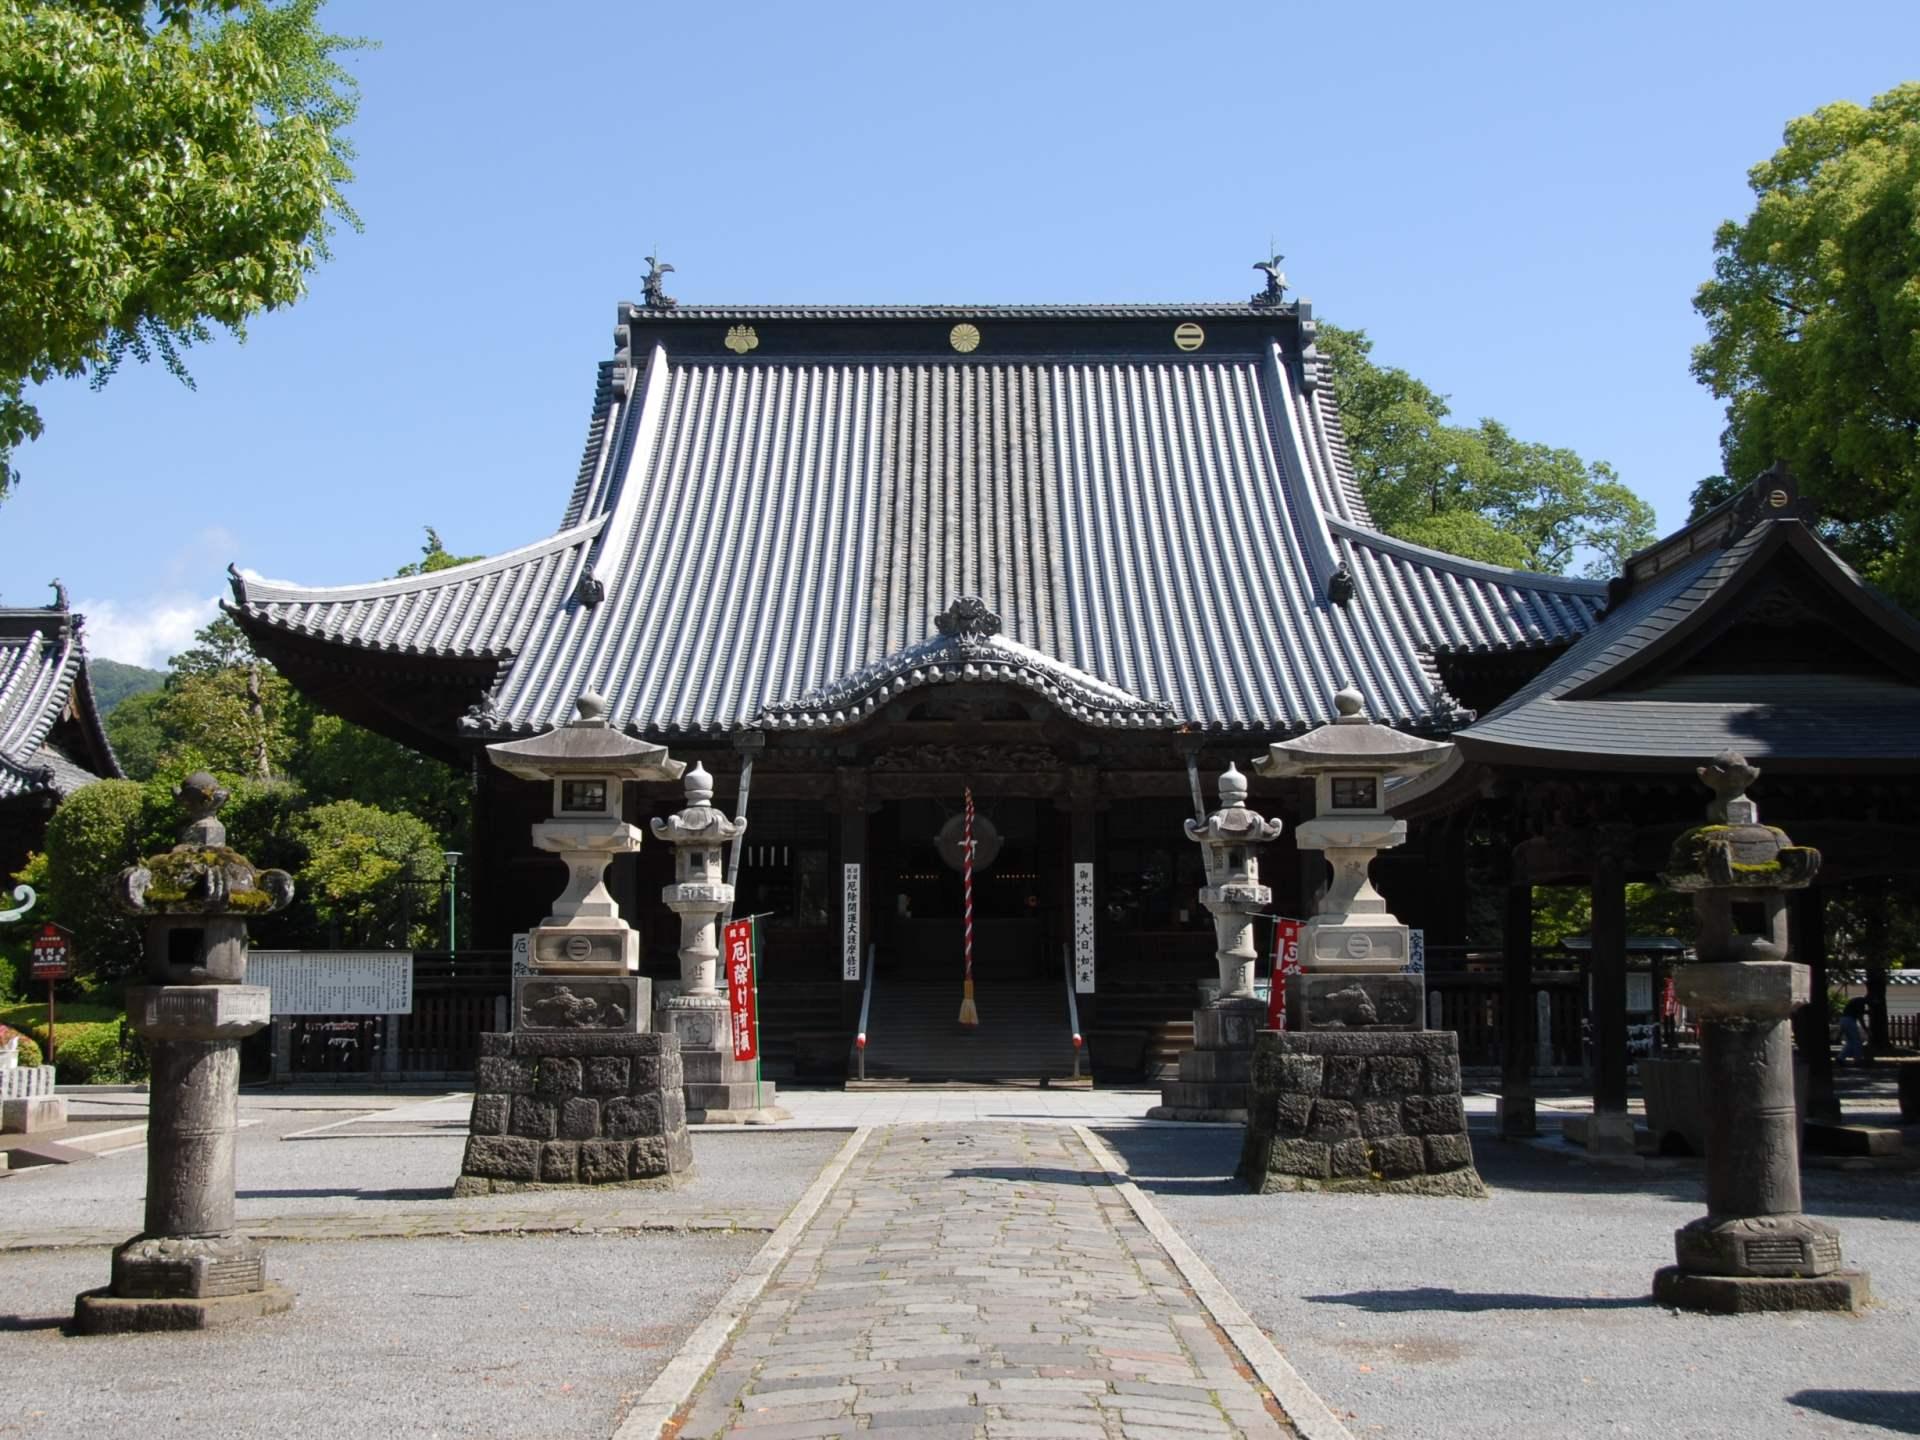 建造於鎌倉時代(1185年〜1333年)的本堂於2013年被指定為日本國寶。